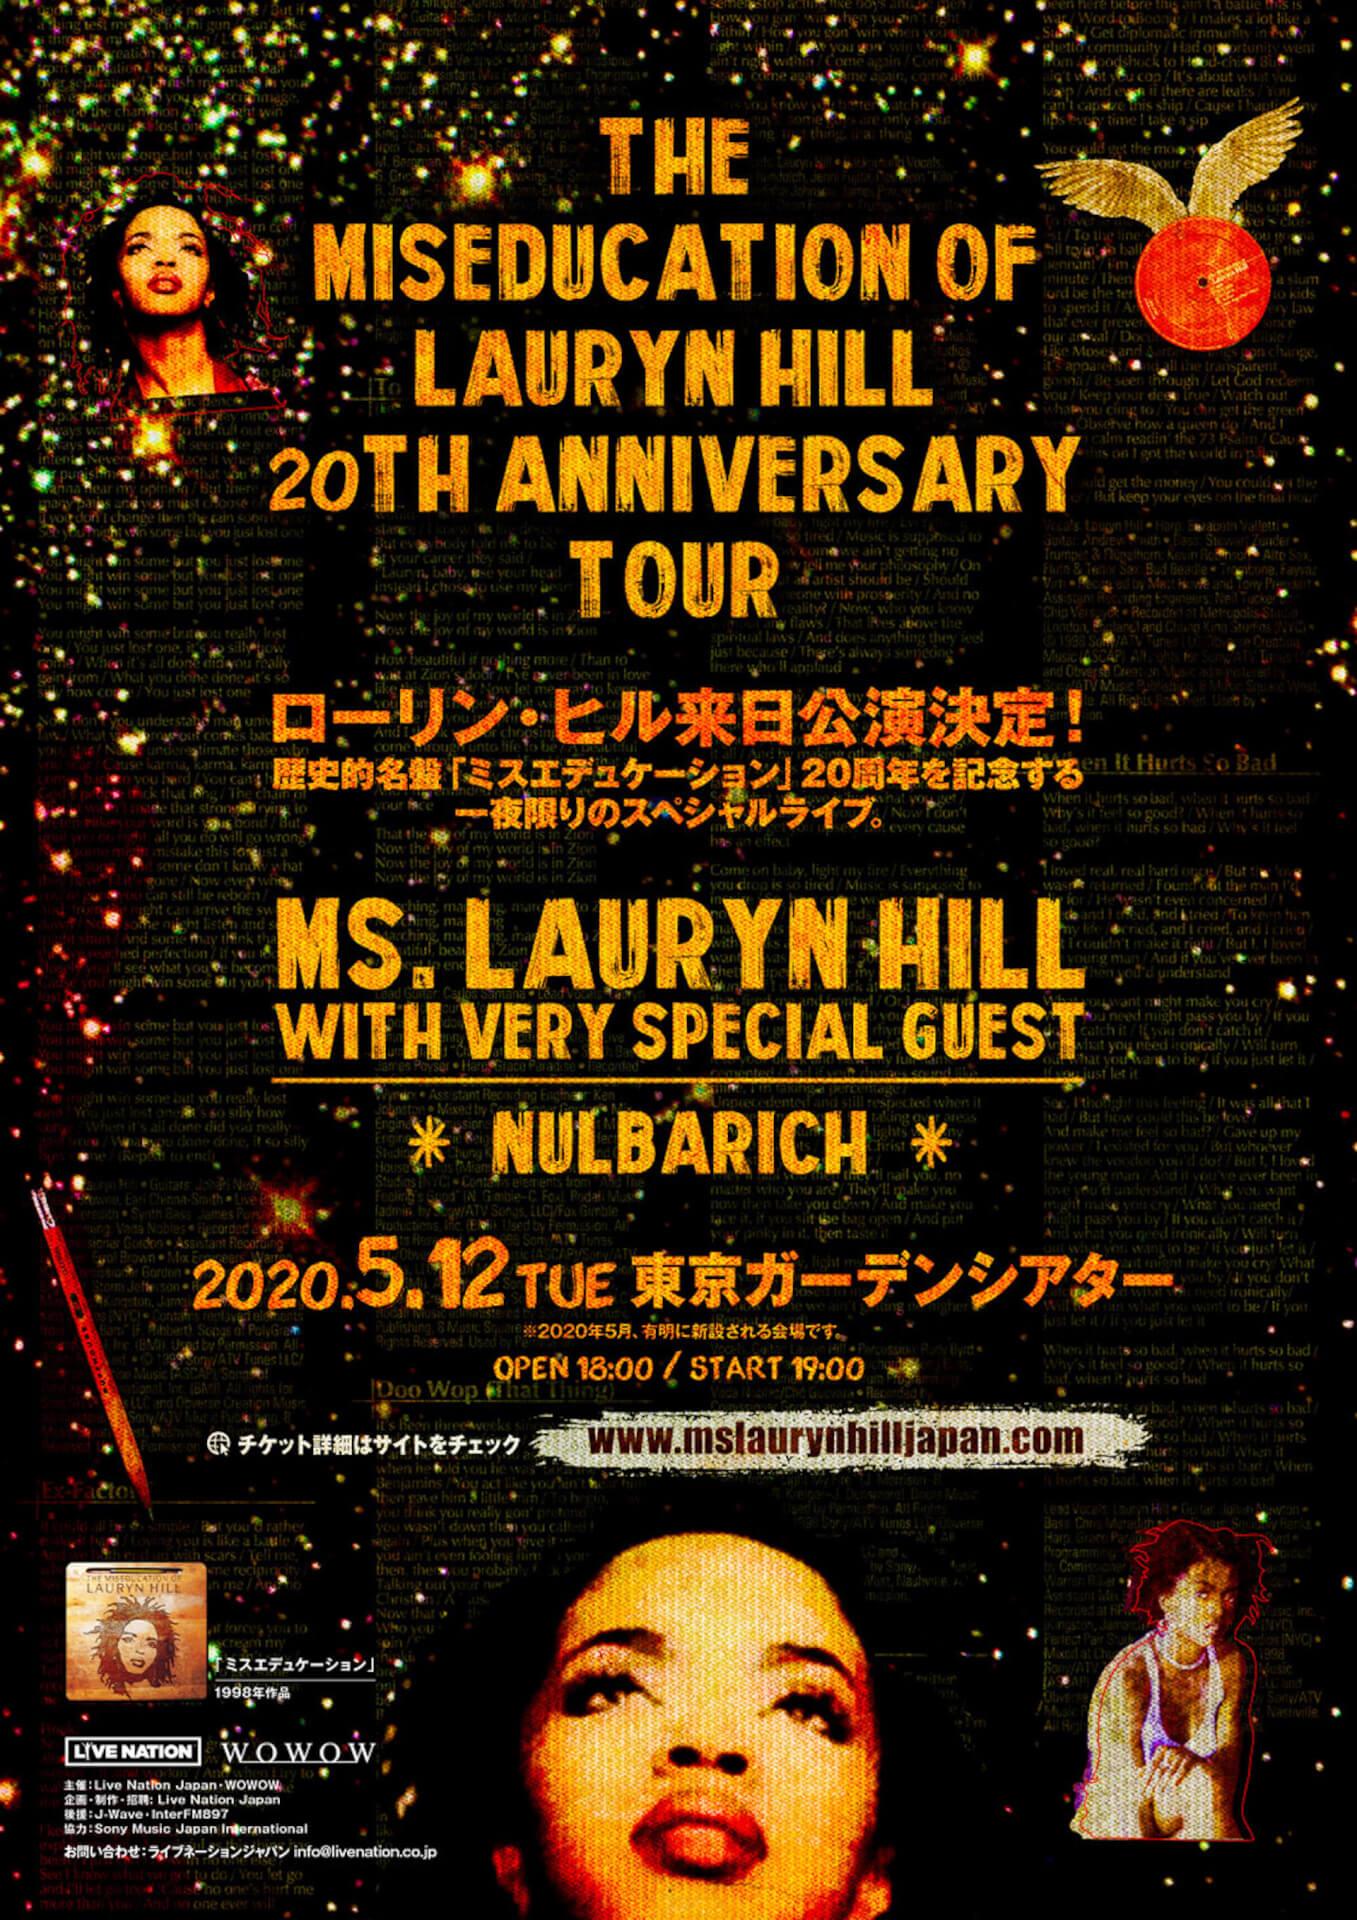 ストリートなイベント【東京】THE MISEDUCATION OF LAURYN HILL 20TH ANNIVERSARY TOUR ローリン・ヒル、『ミスエデュケーション』発売20周年記念の来日公演が決定!